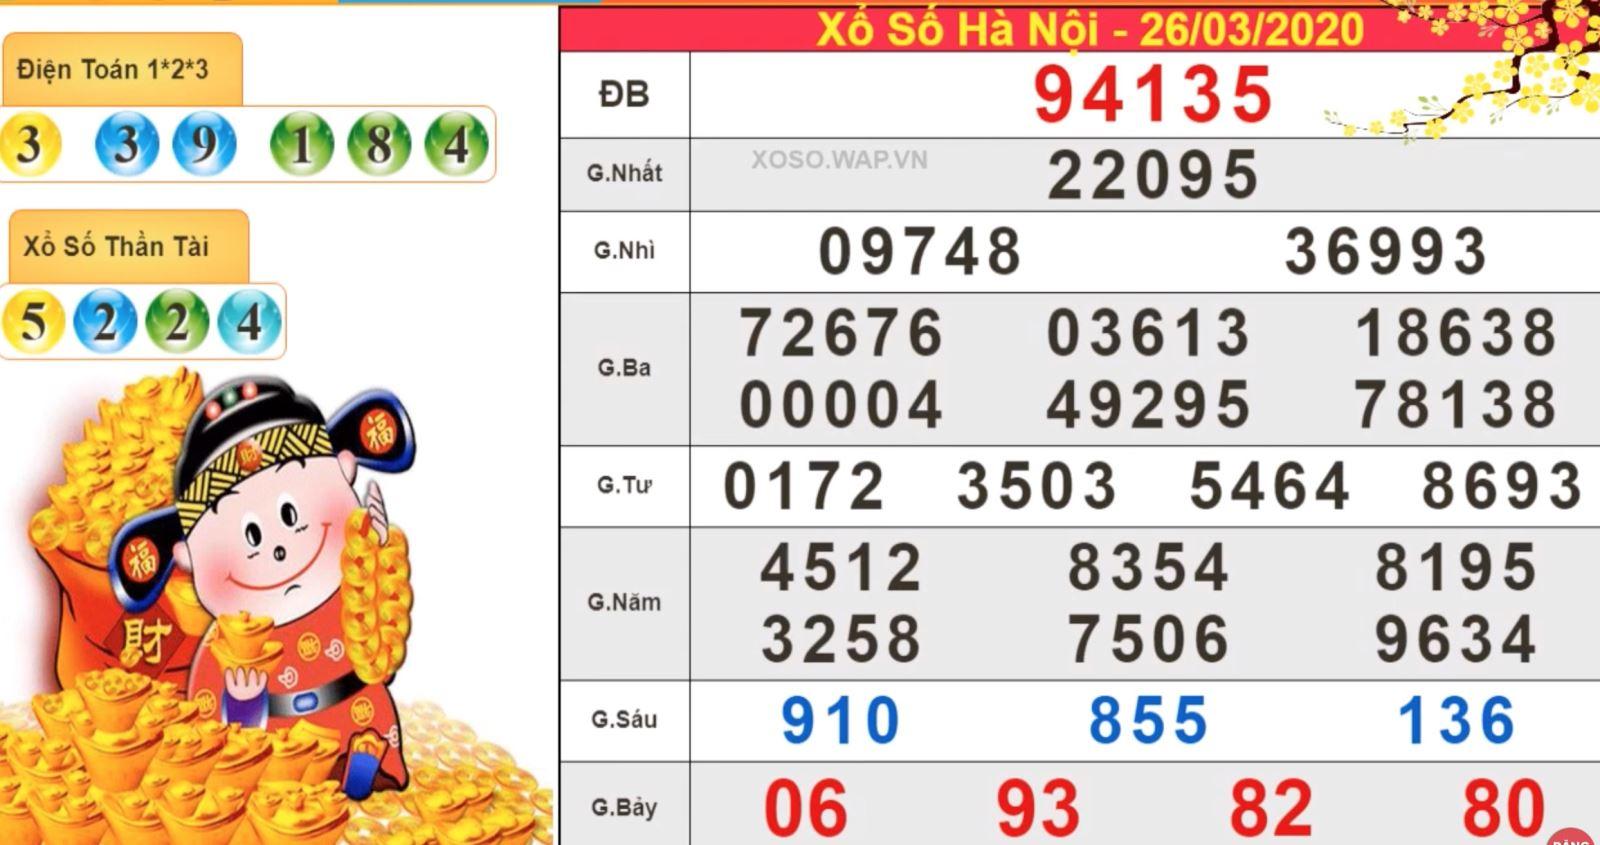 XSMB, SXMB, XS miền Bắc, KQXSMB, KQXS Miền Bắc, xổ số miền Bắc, xổ số miền Bắc hôm nay, kết quả xổ số miền Bắc, kết quả xổ số miền Bắc hôm nay, trực tiếp xổ số miền Bắc , trực tiếp XSMB, xem xổ số miền Bắc, xem kết quả xổ số miền Bắc, XSMB kết quả xổ số, xo so mien Bac, XSMB XSMN kết quả xổ số hôm nay miền Bắc, xổ số kiến thiết miền Bắc, sổ xố miền Bắc.